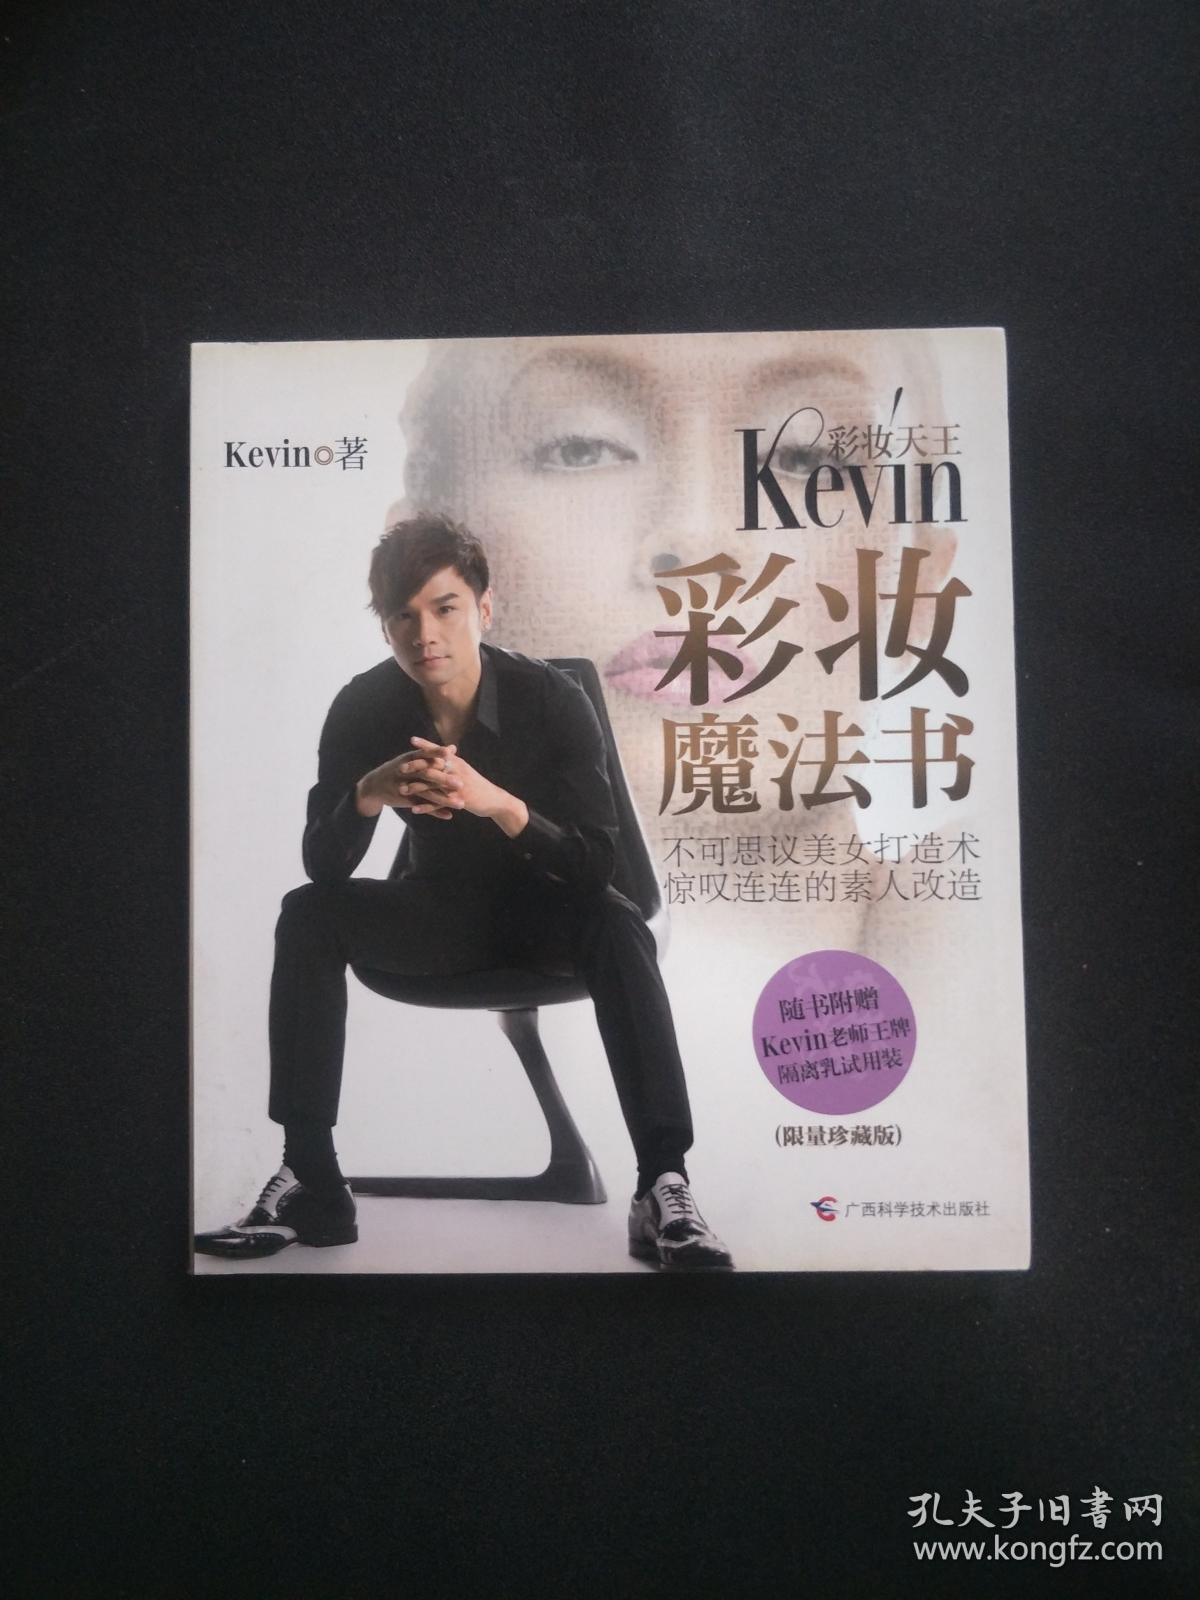 彩妆天王Kevin攻略魔法书请假v彩妆彩妆图片